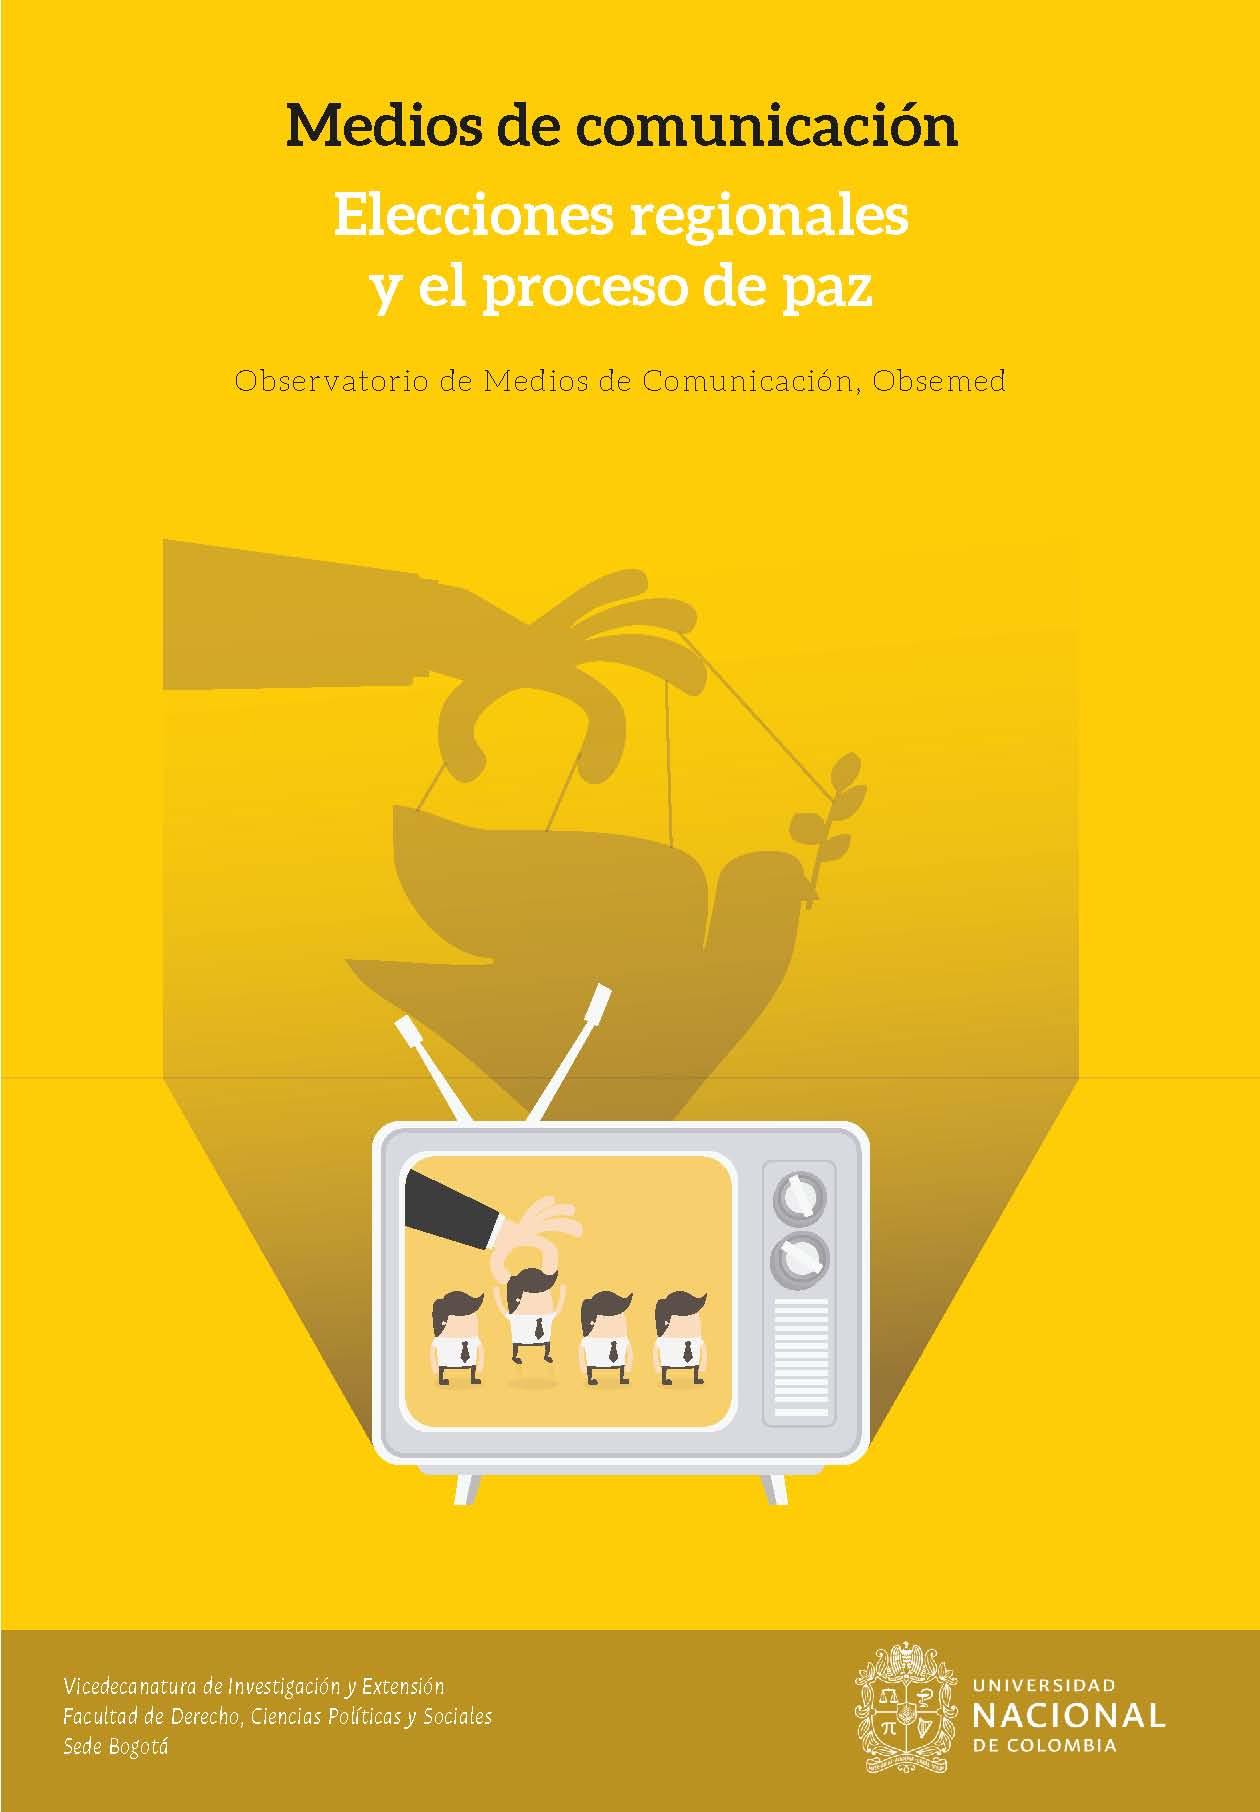 Medios de comunicación. Elecciones regionales y proceso de paz